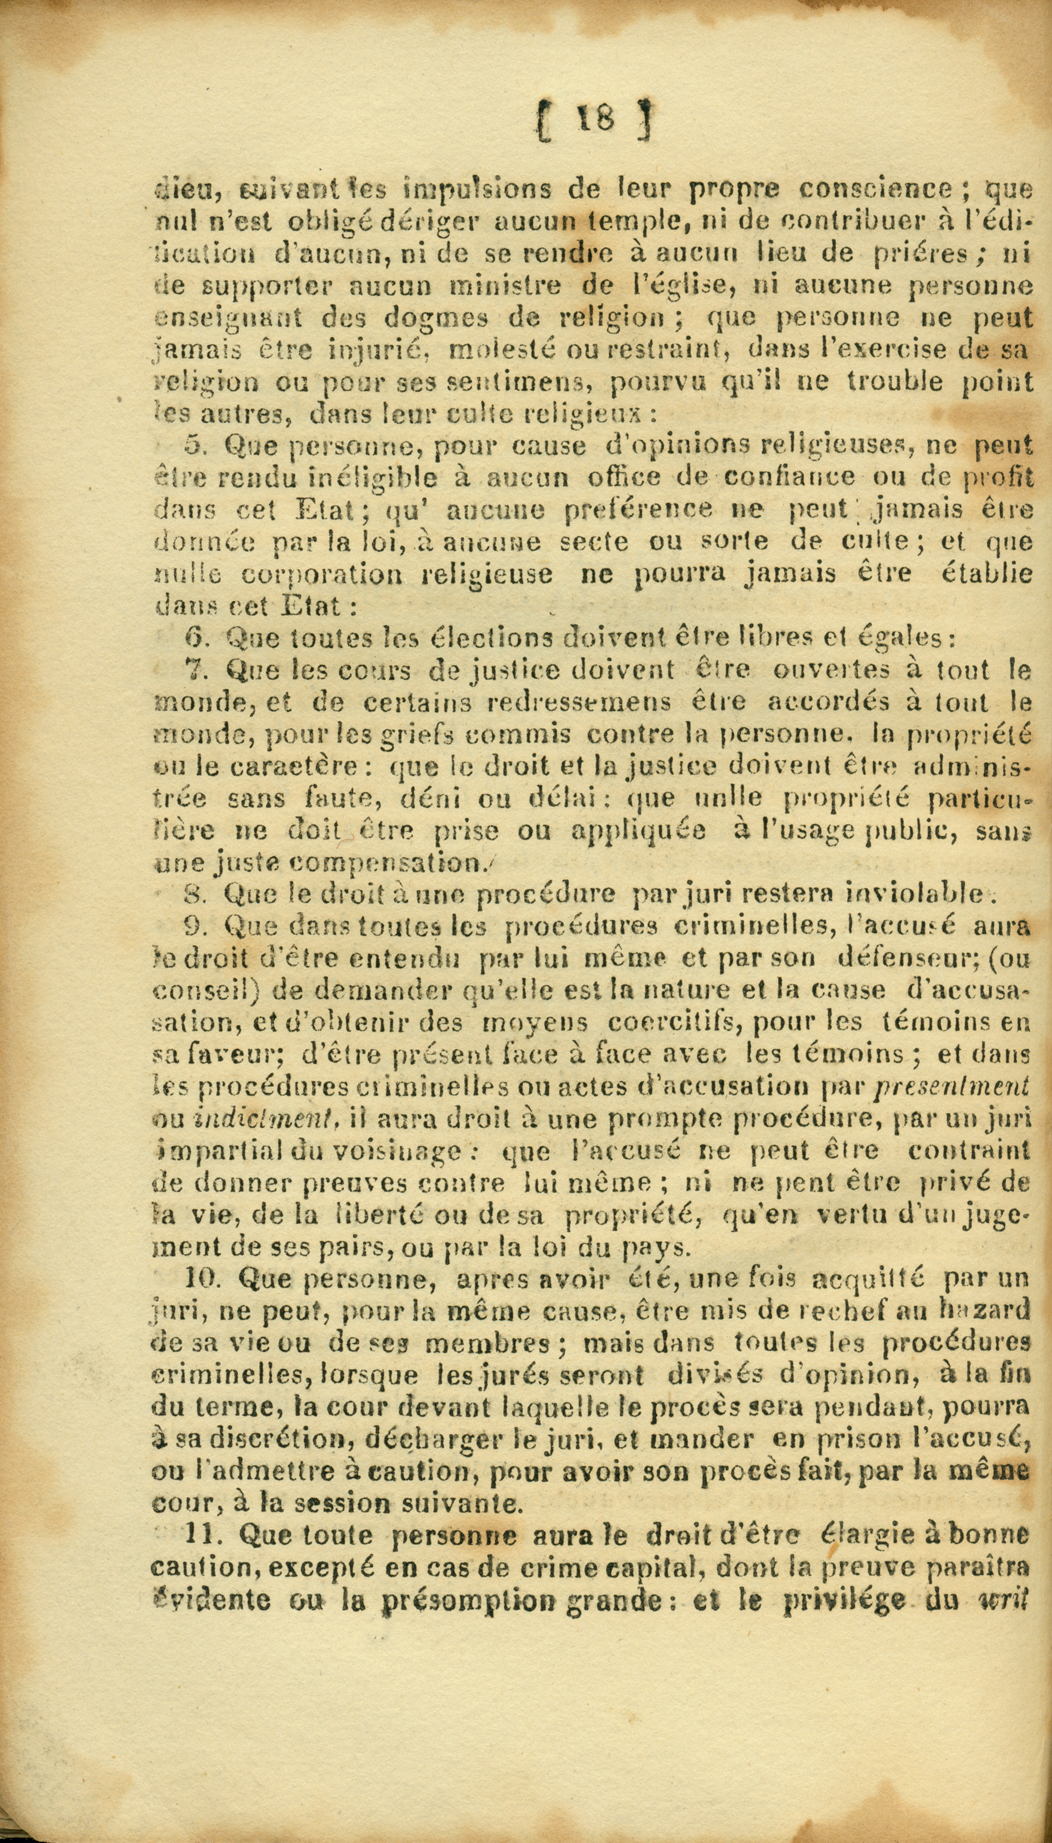 File:Constitution de L'etat du Missouri  1820  p  18